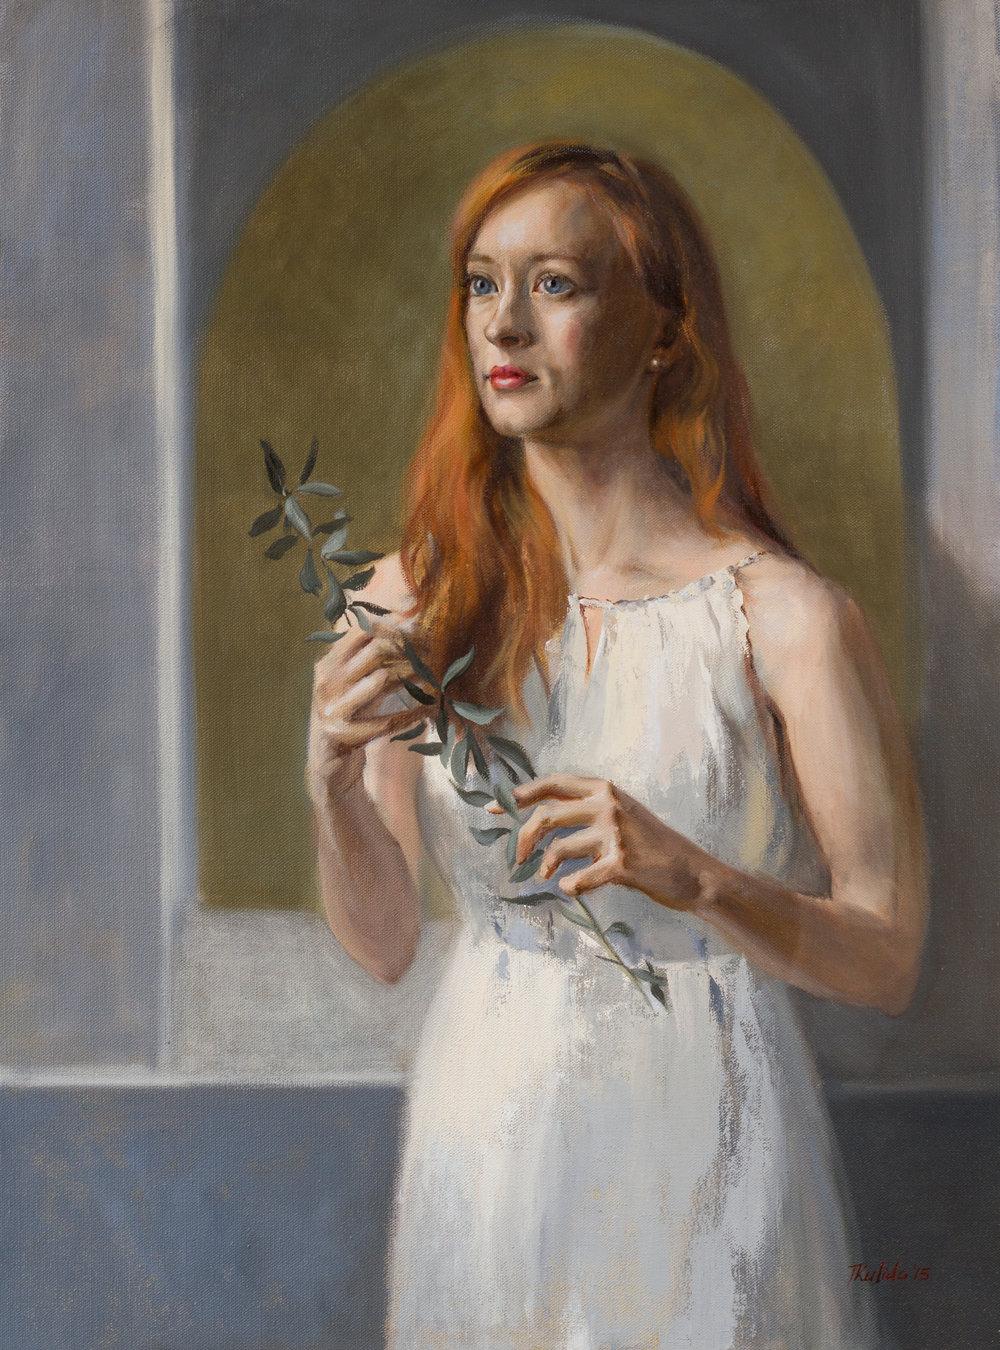 Dreaming of Peace,  oil on linen, 70x95,  framed, April 2015